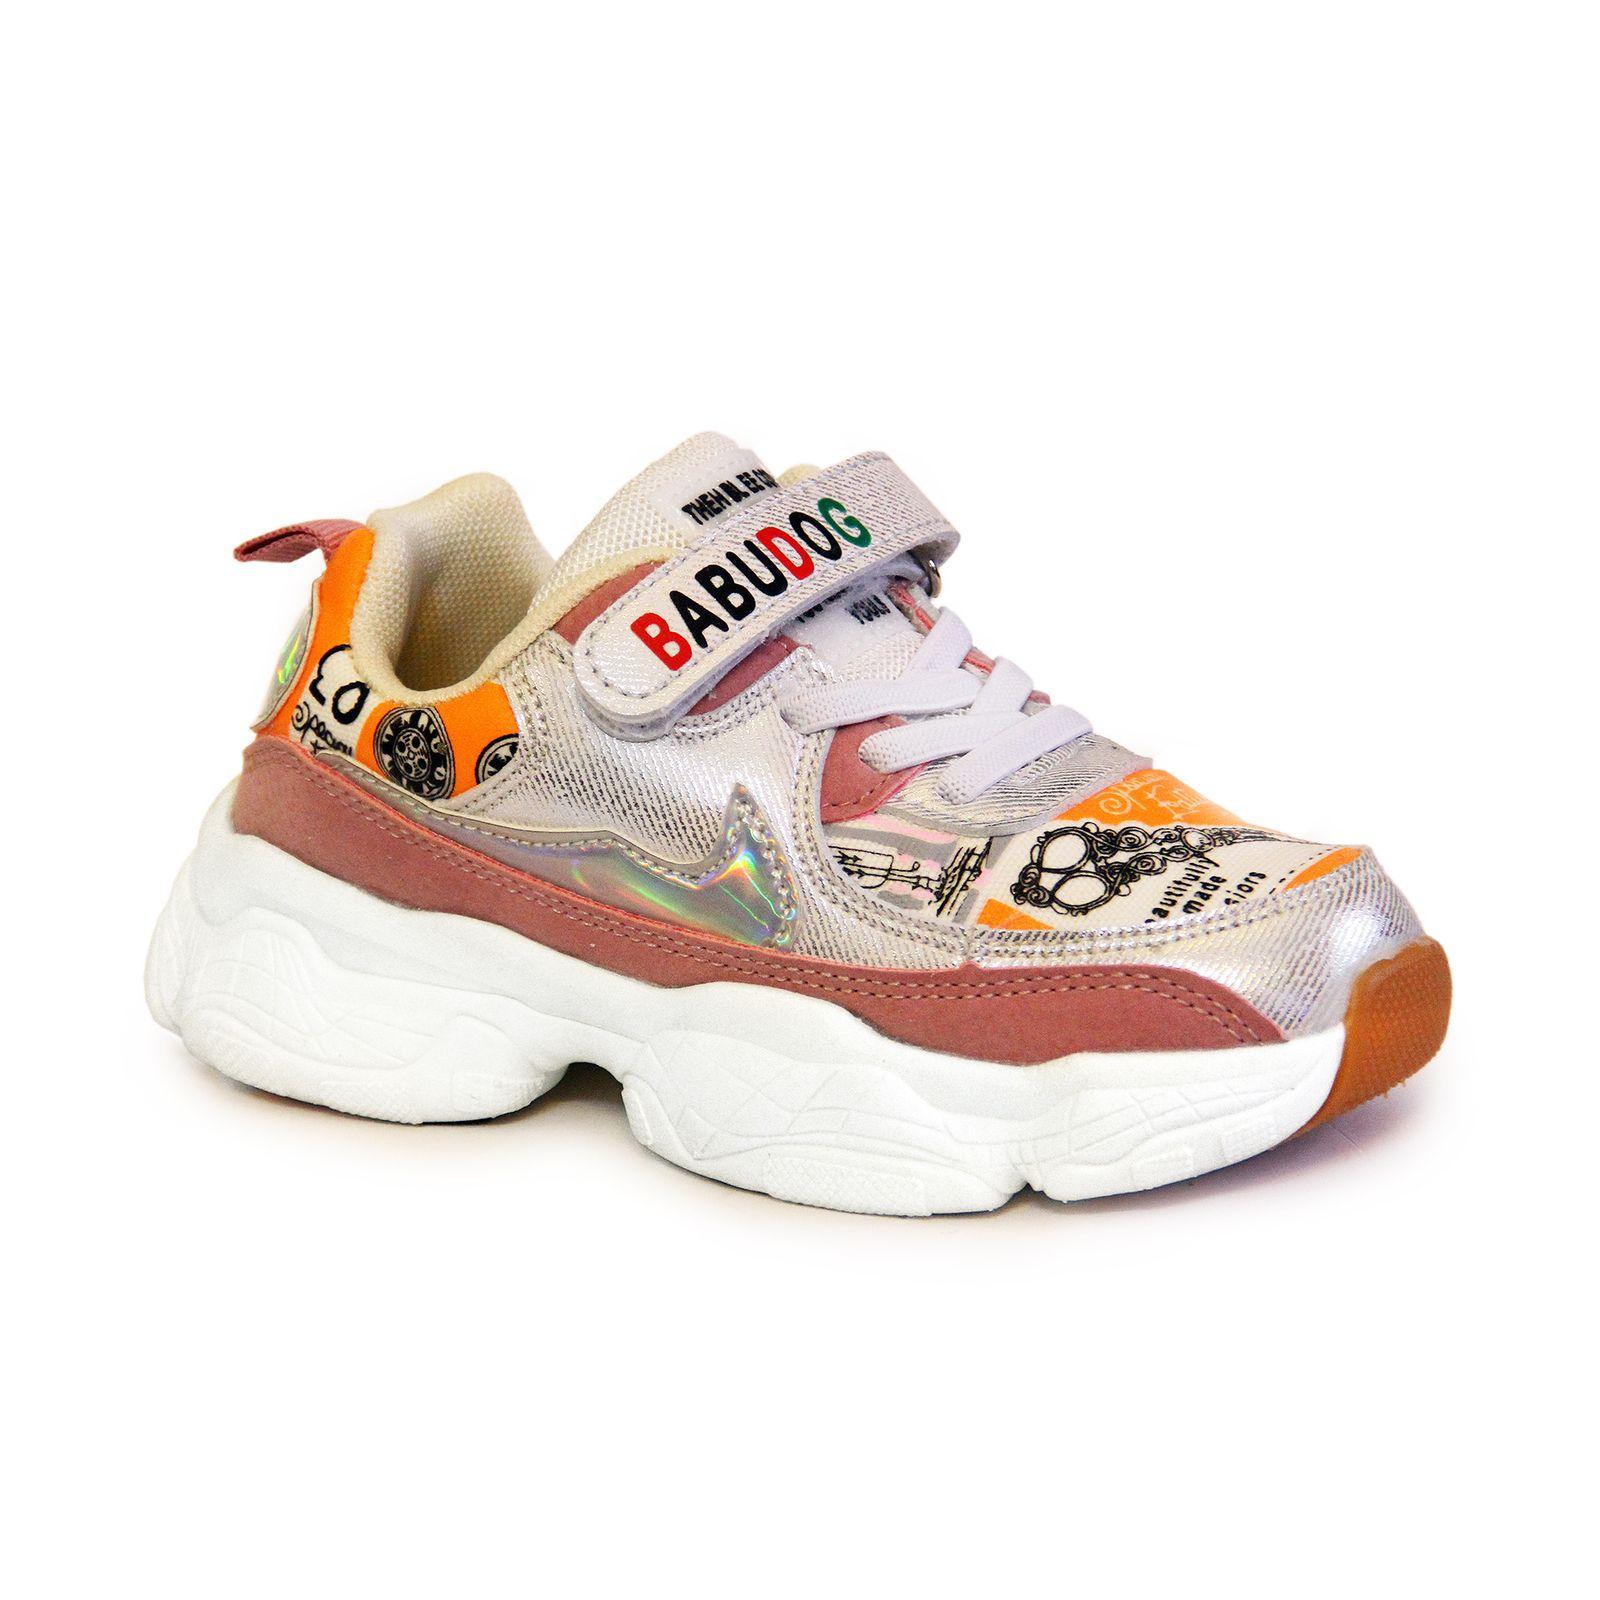 کفش راحتی دخترانه بابوداگ کد ۴۰۷ -  - 3